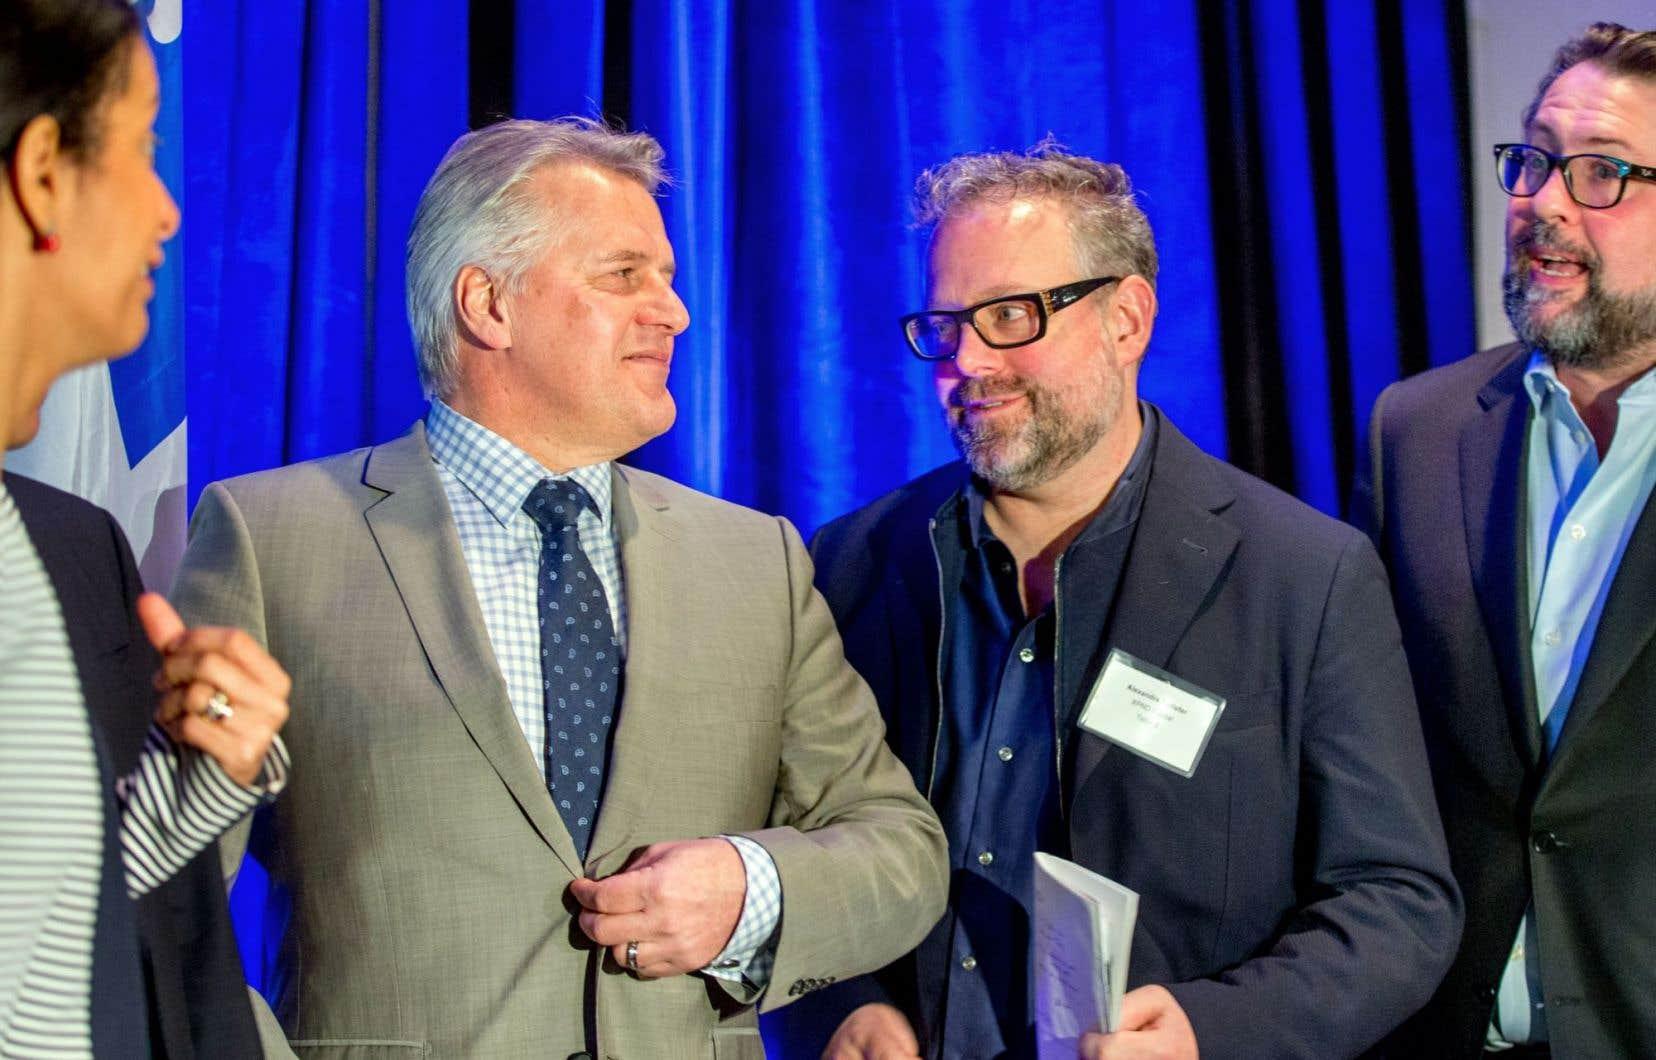 L'homme d'affaires Alexandre Taillefer était entouré notamment des ministres Laurent Lessard et David Heurtel lors de l'annonce.